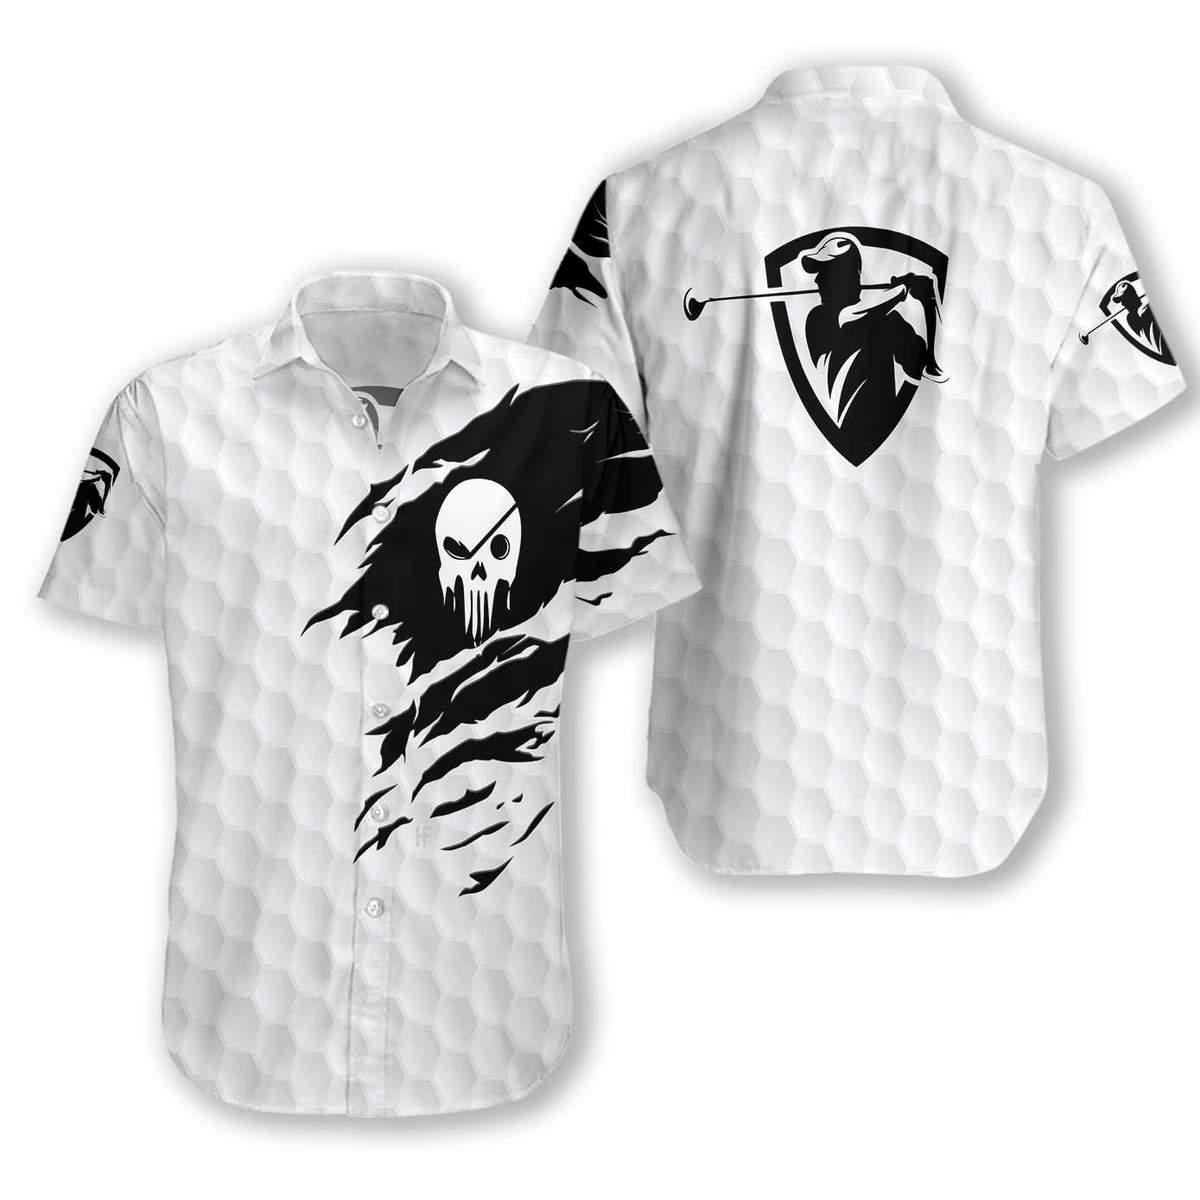 The Golf Skull Hawaiian Shirt2 2